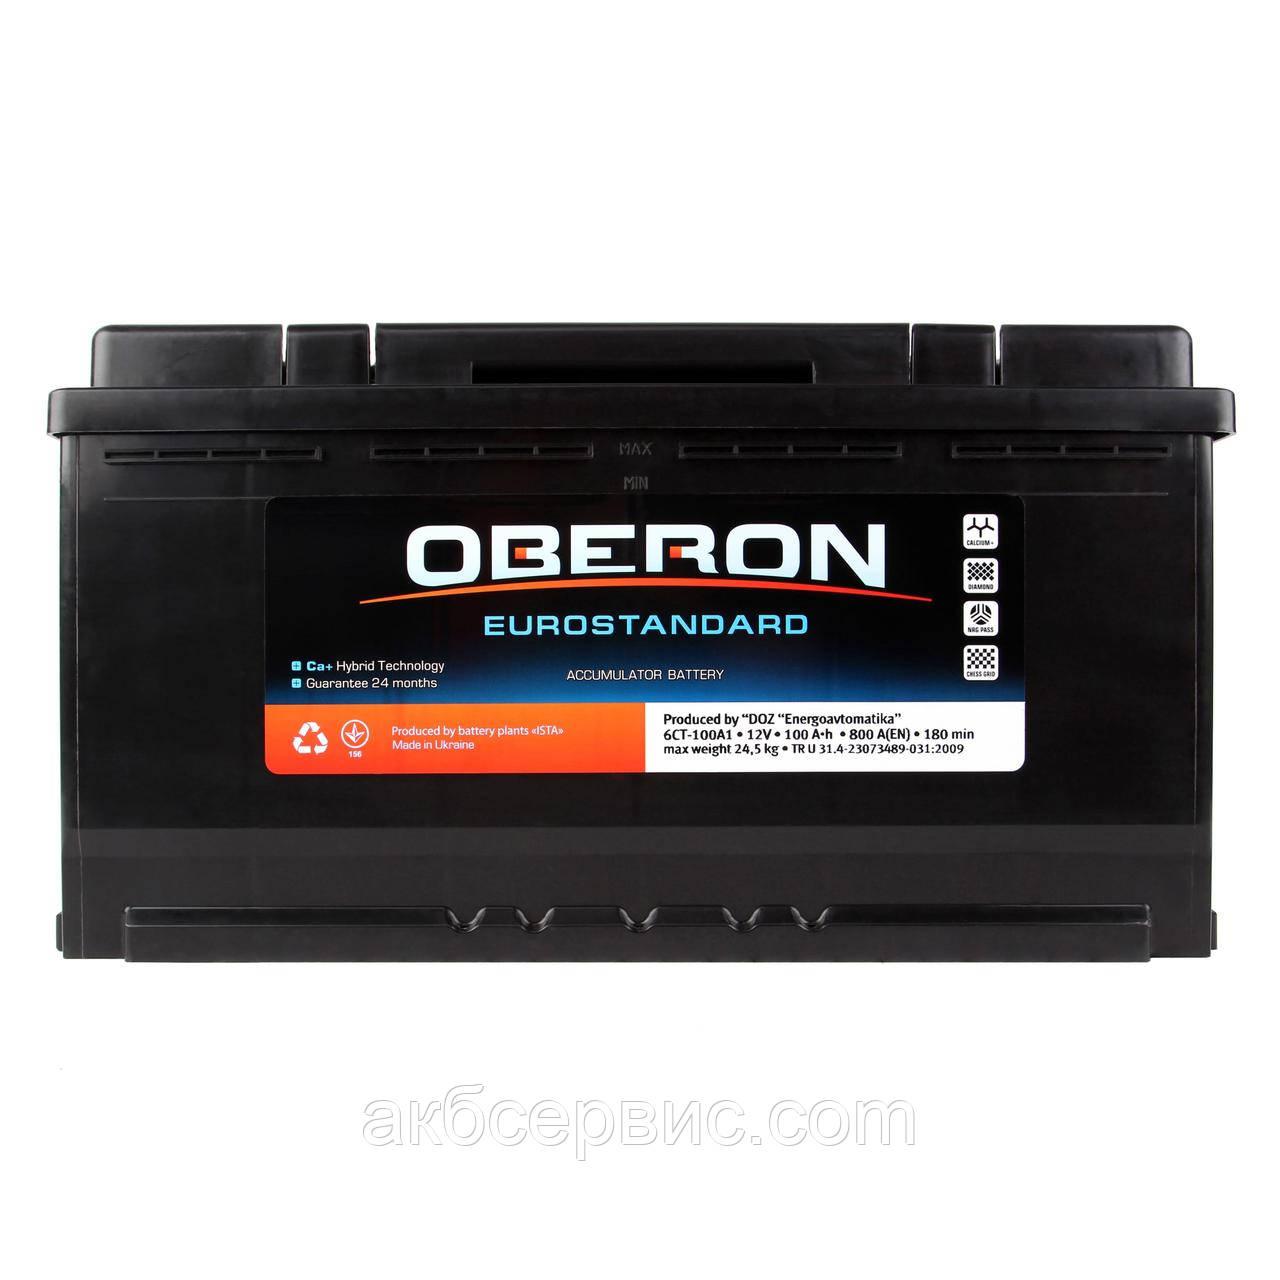 Аккумулятор автомобильный Oberon 6СТ-100 AзE Eurostandard